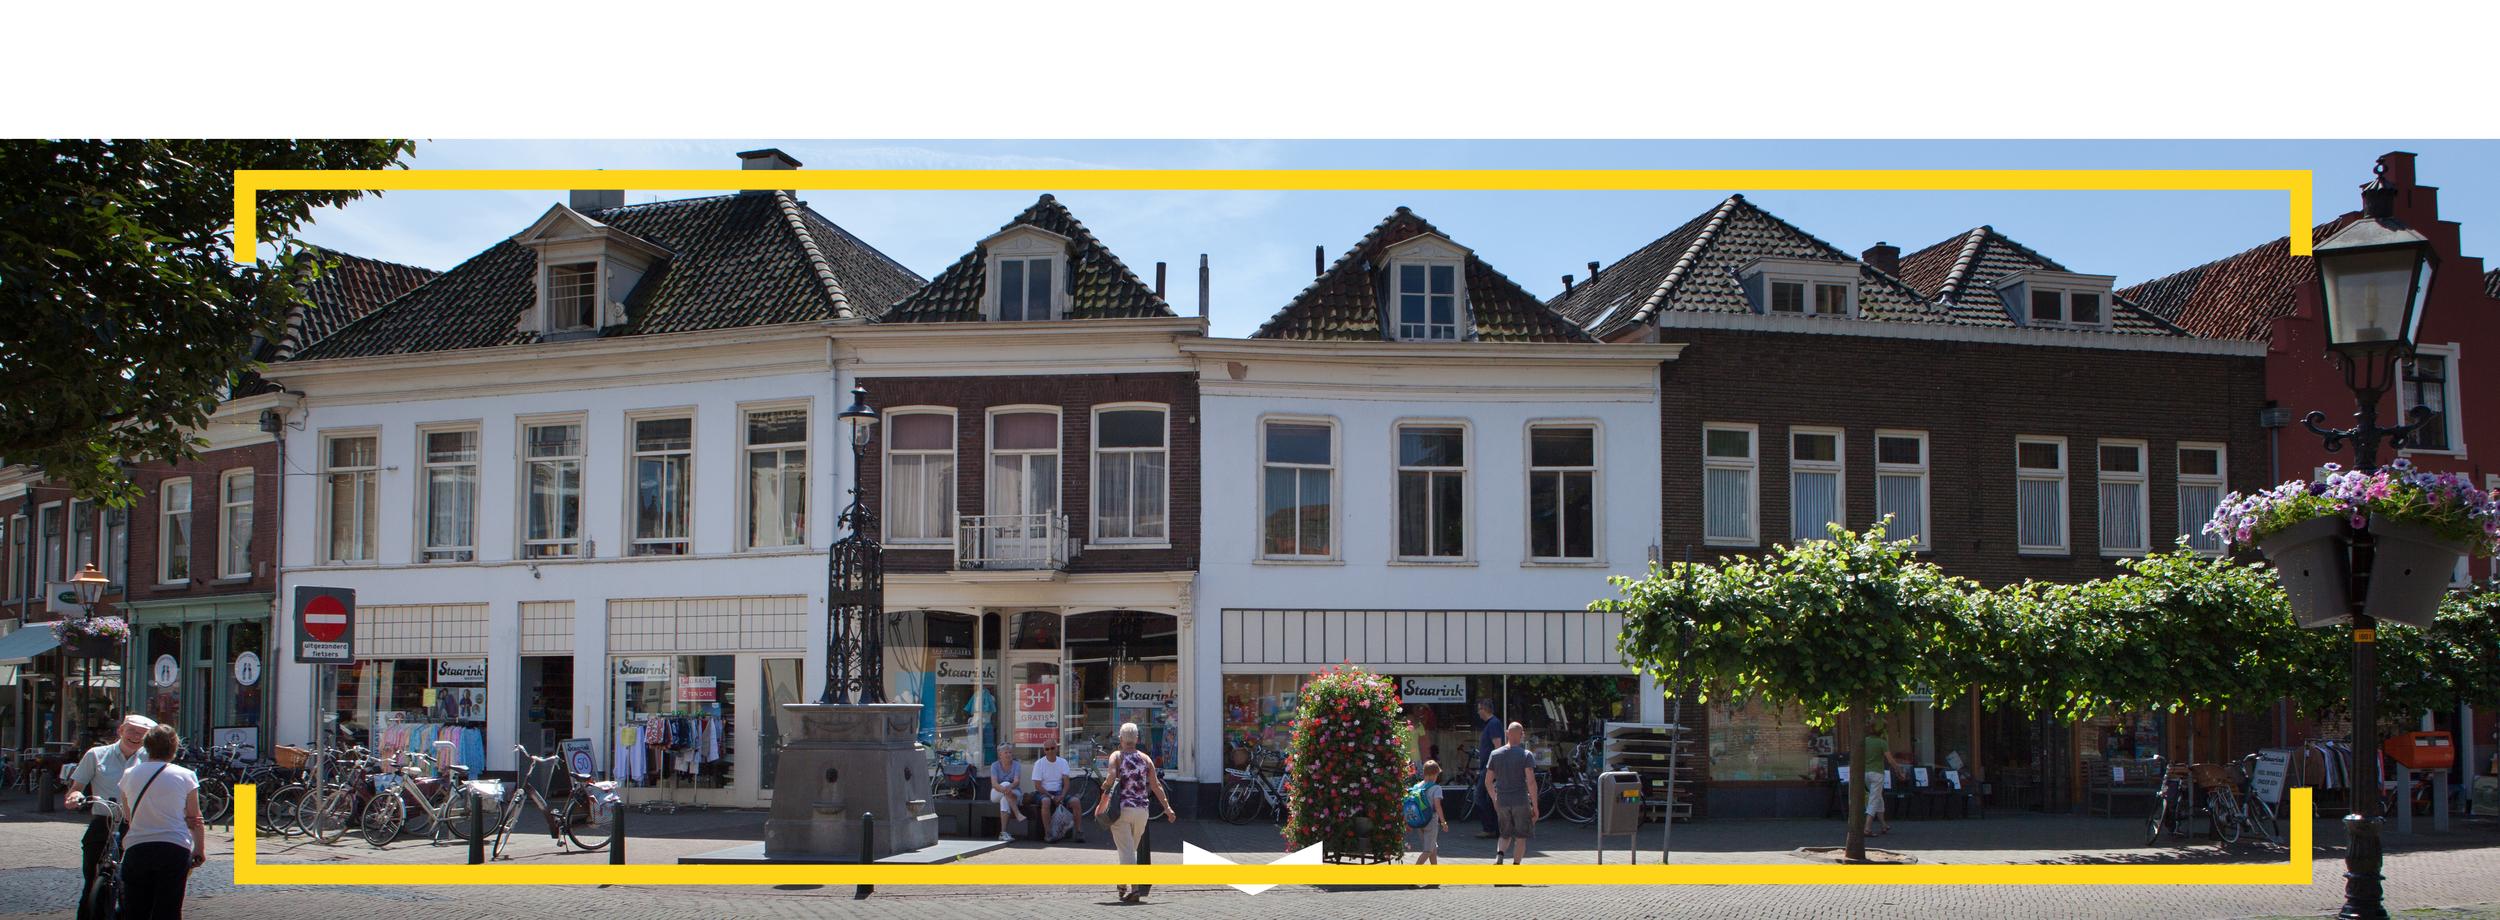 Staarink warenhuis_voorgevel_accolade_klein.jpg